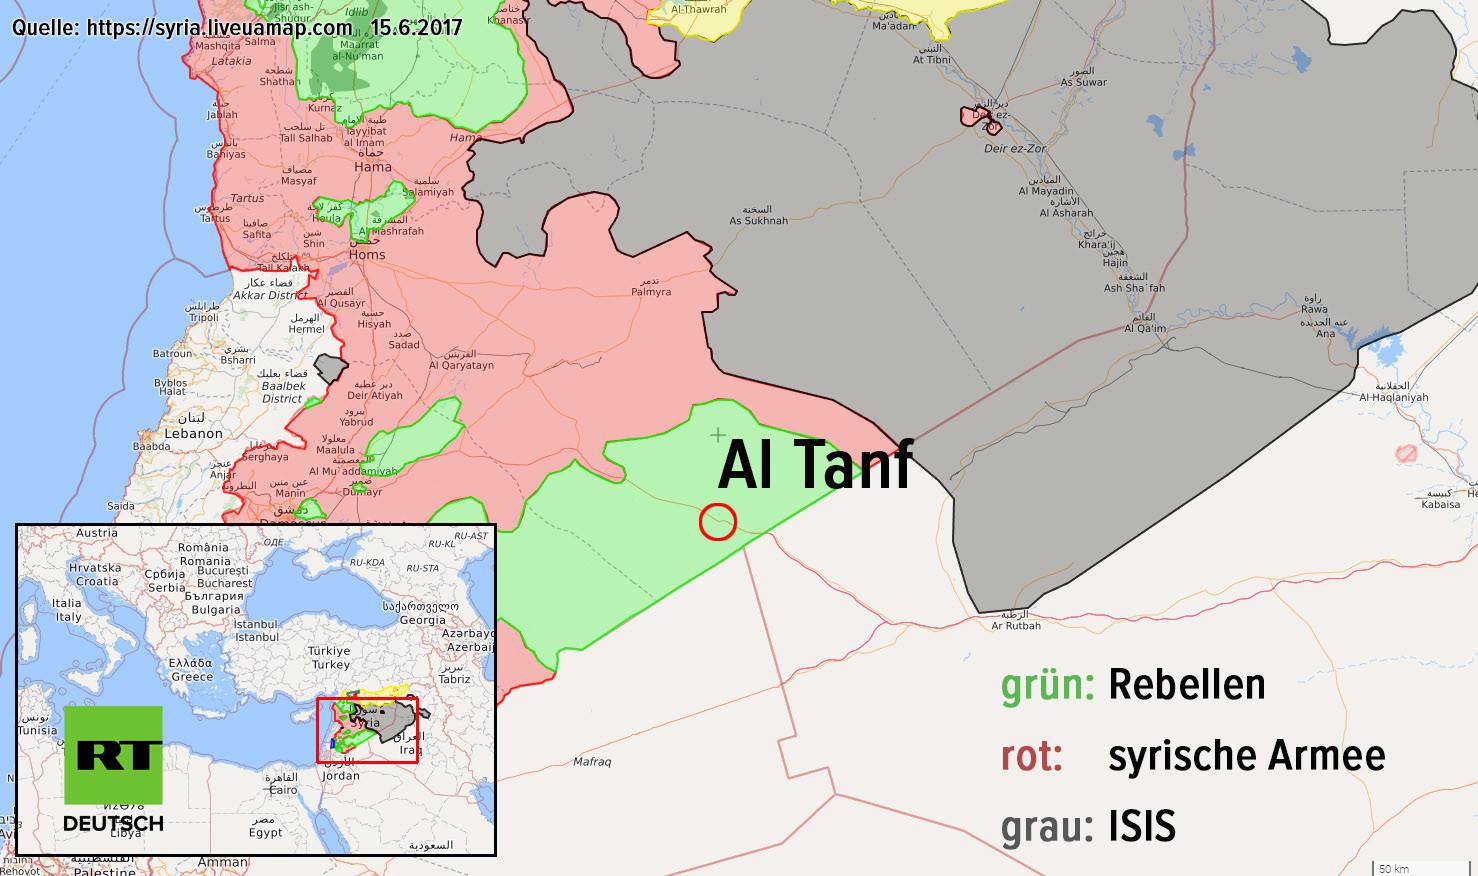 RT-Exklusiv: USA wollen Ost-Syrien von Damaskus abspalten